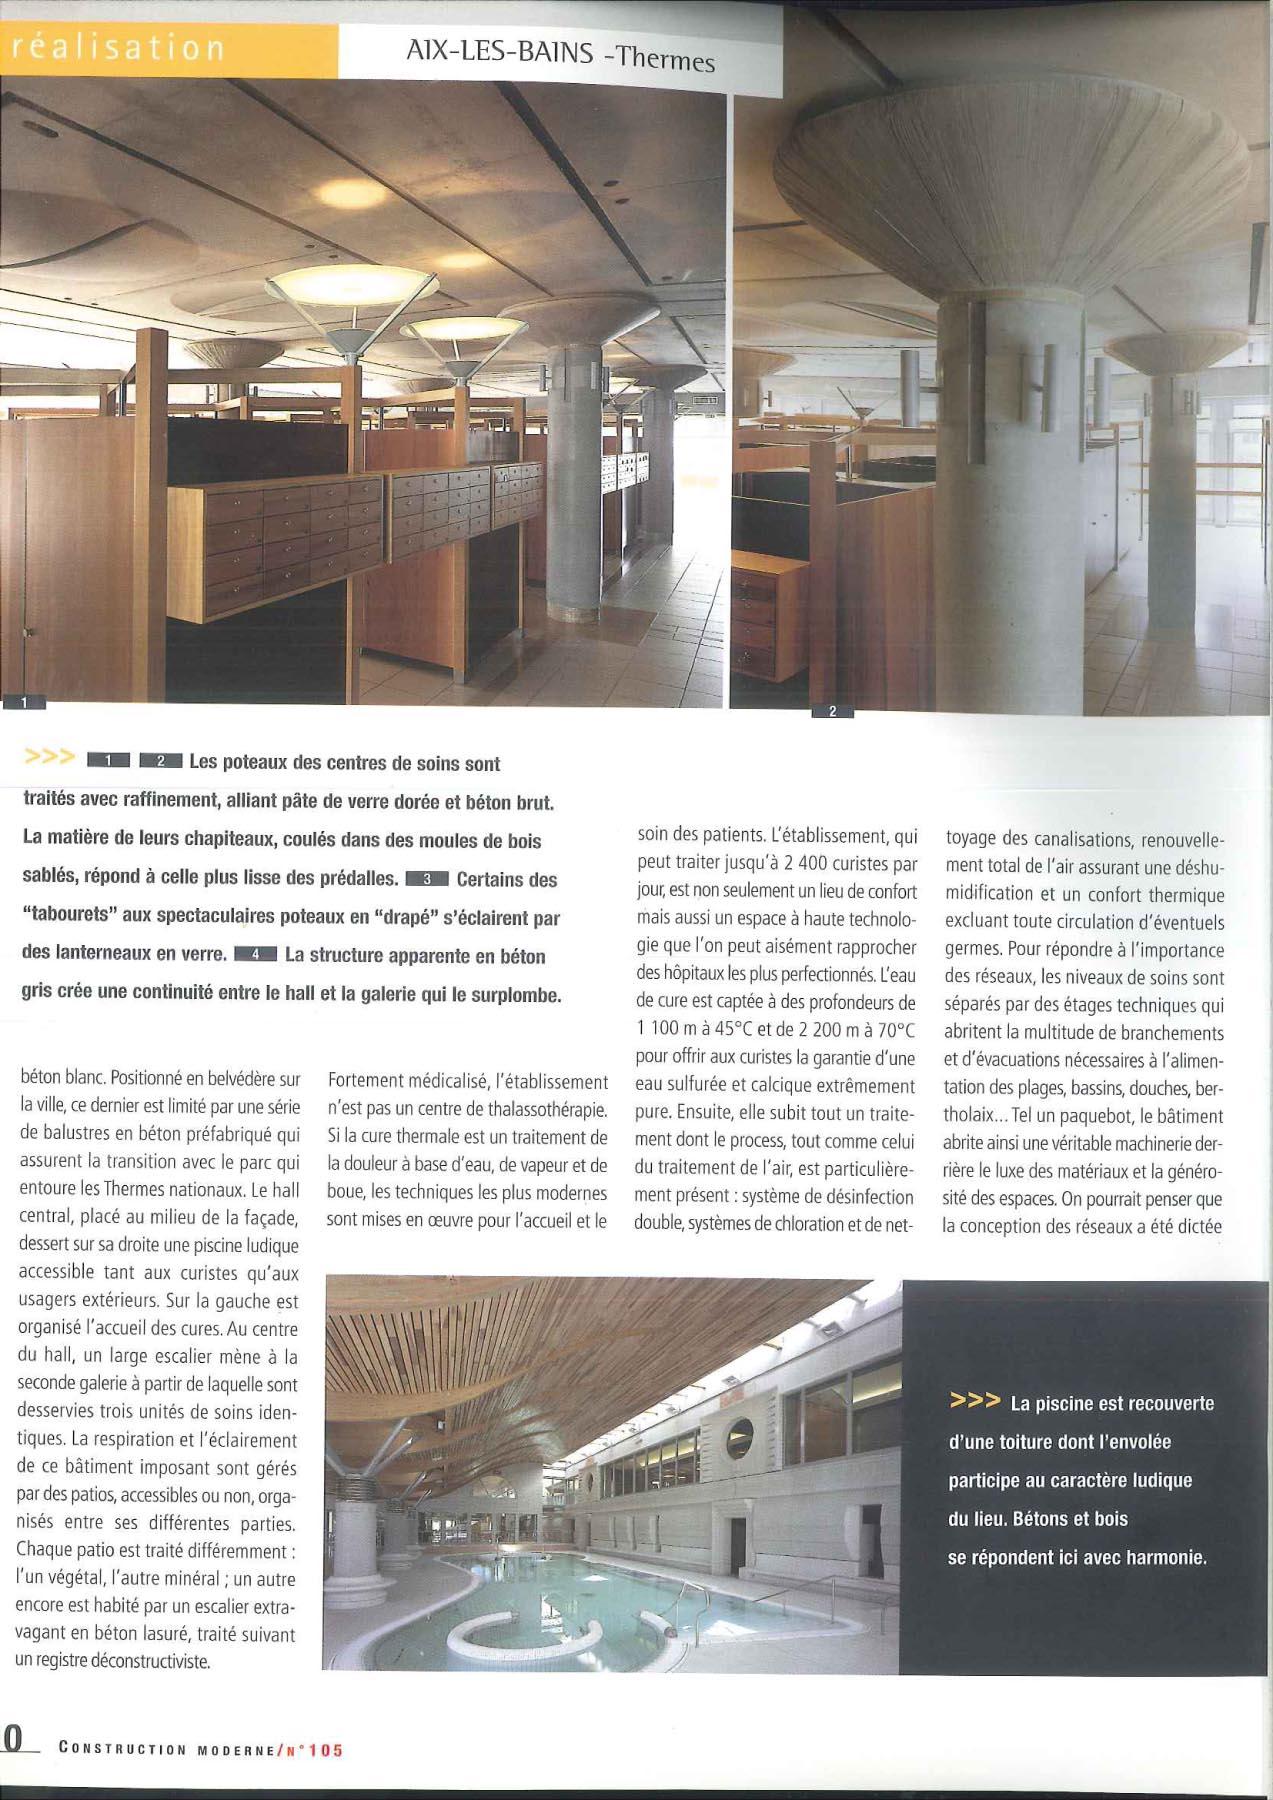 janik architecte thermes aix les bains. Black Bedroom Furniture Sets. Home Design Ideas